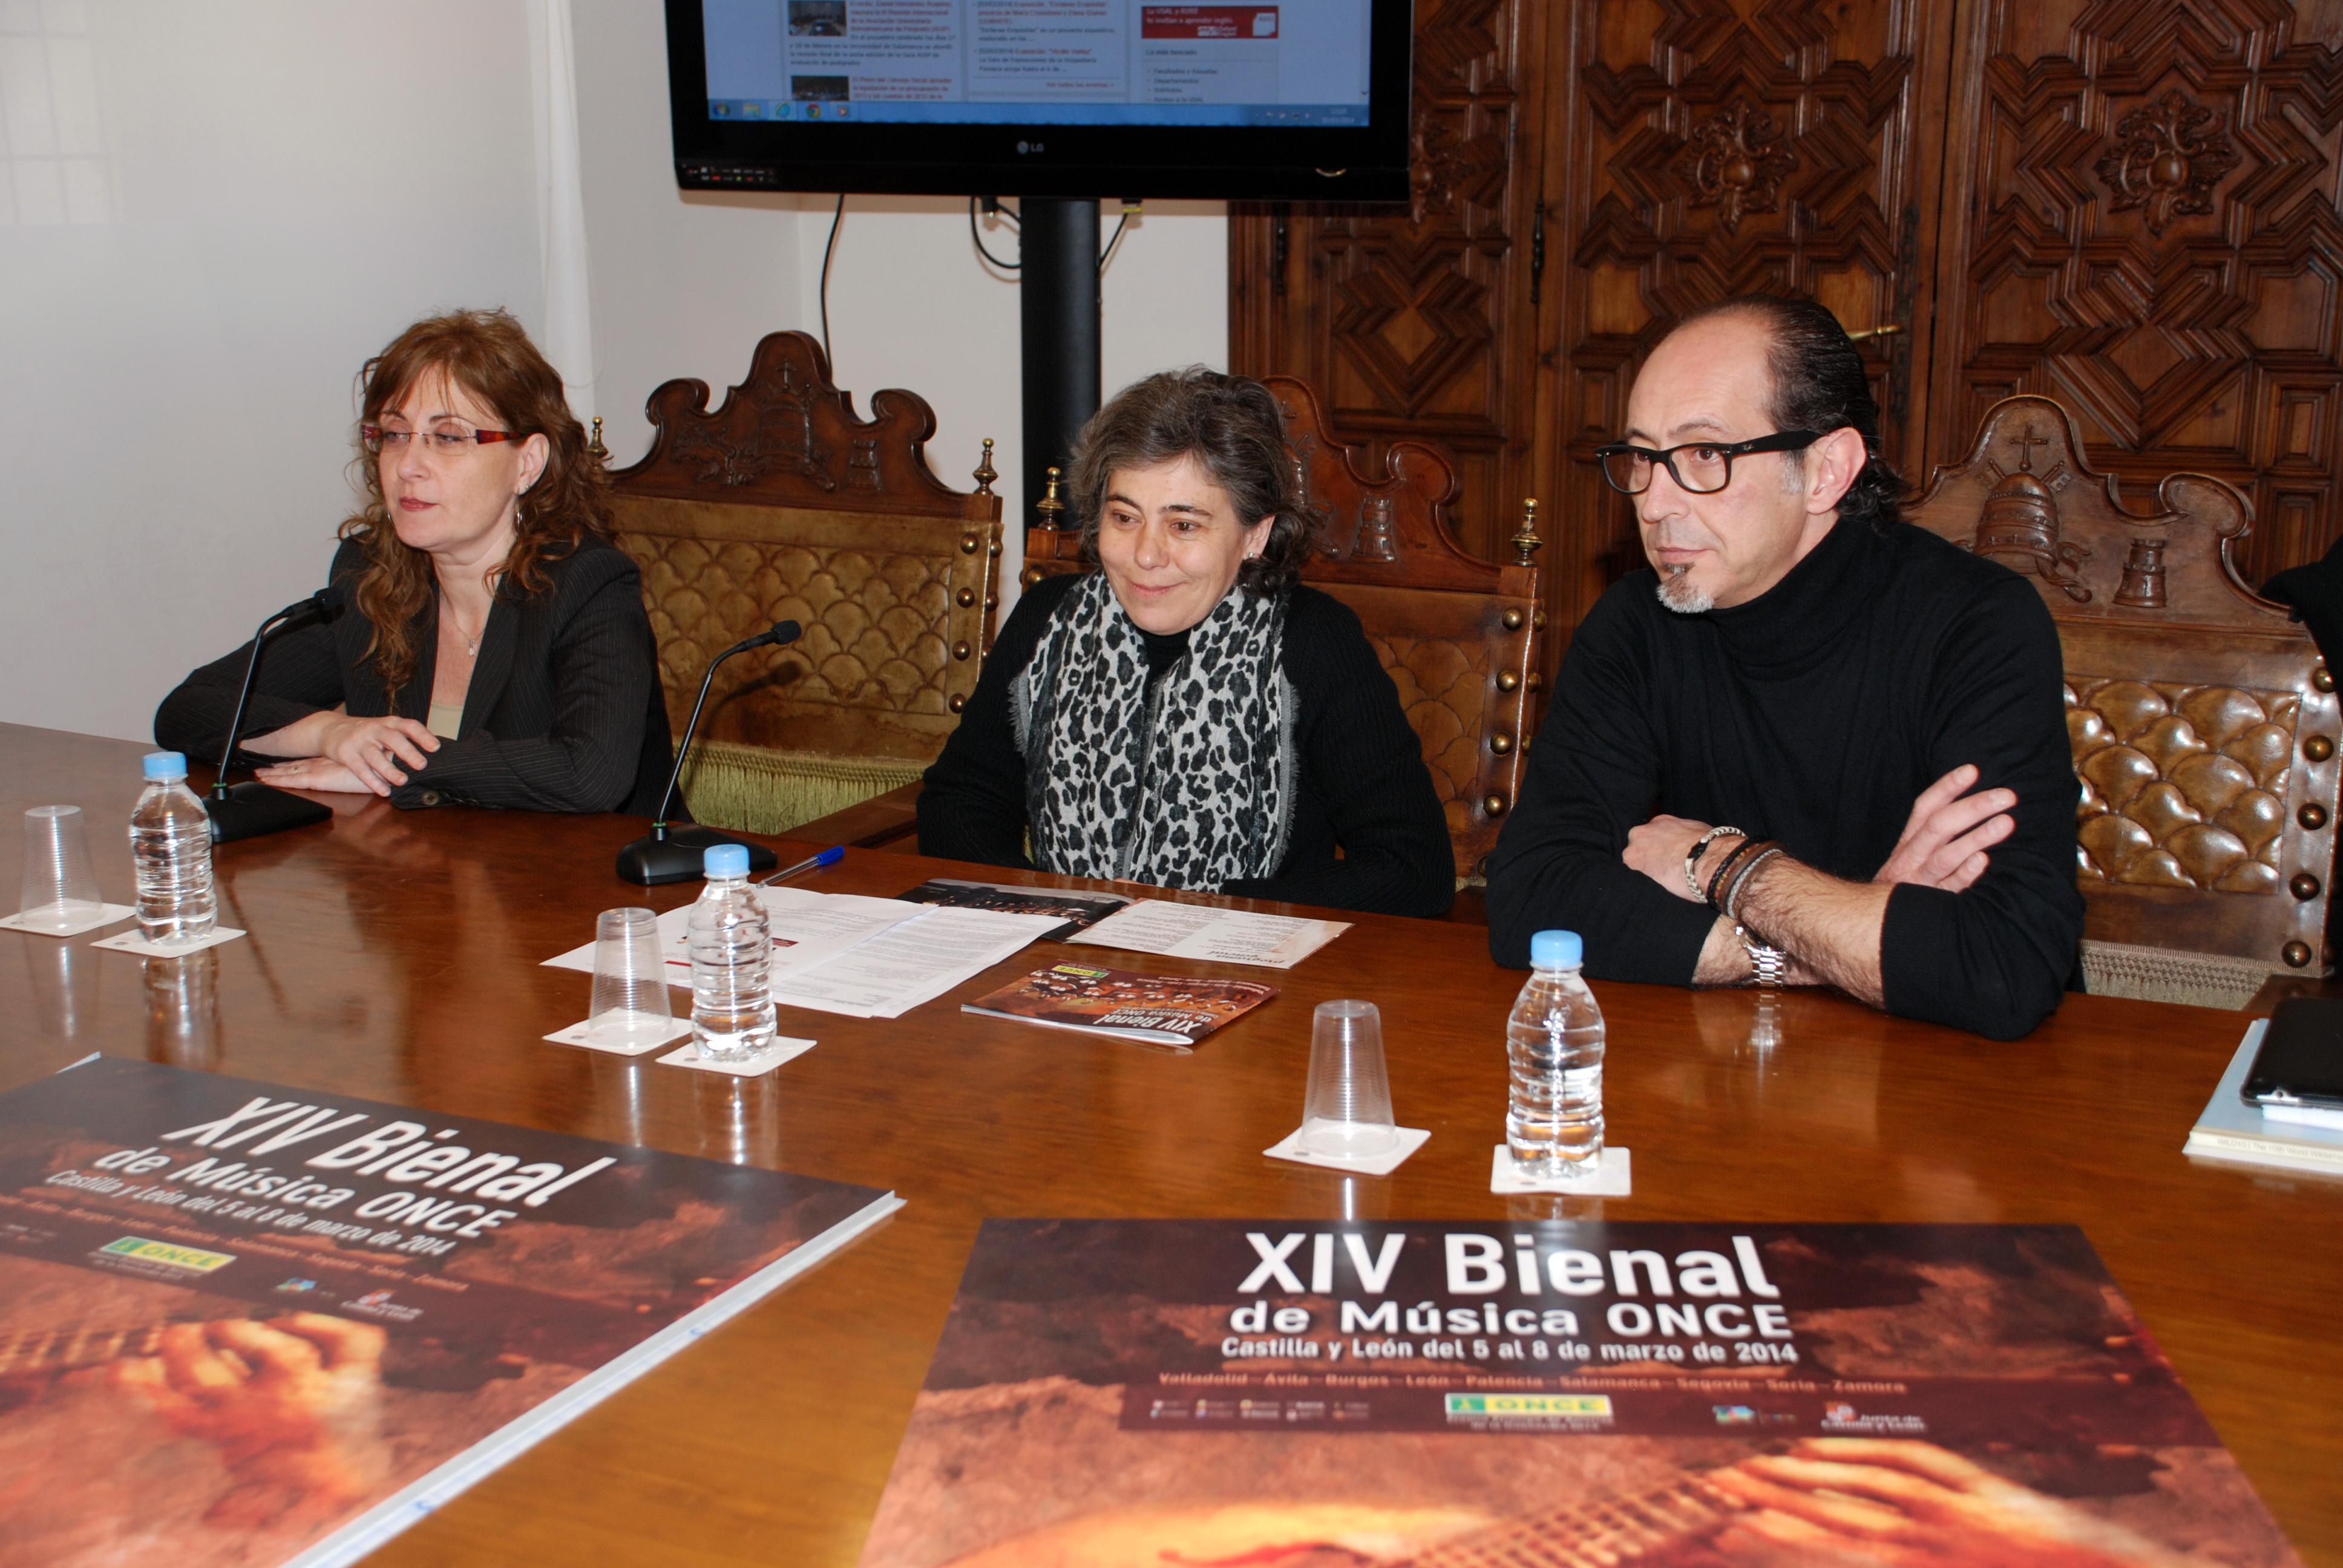 La Universidad de Salamanca acoge un concierto de la XIV Bienal de Música de la ONCE